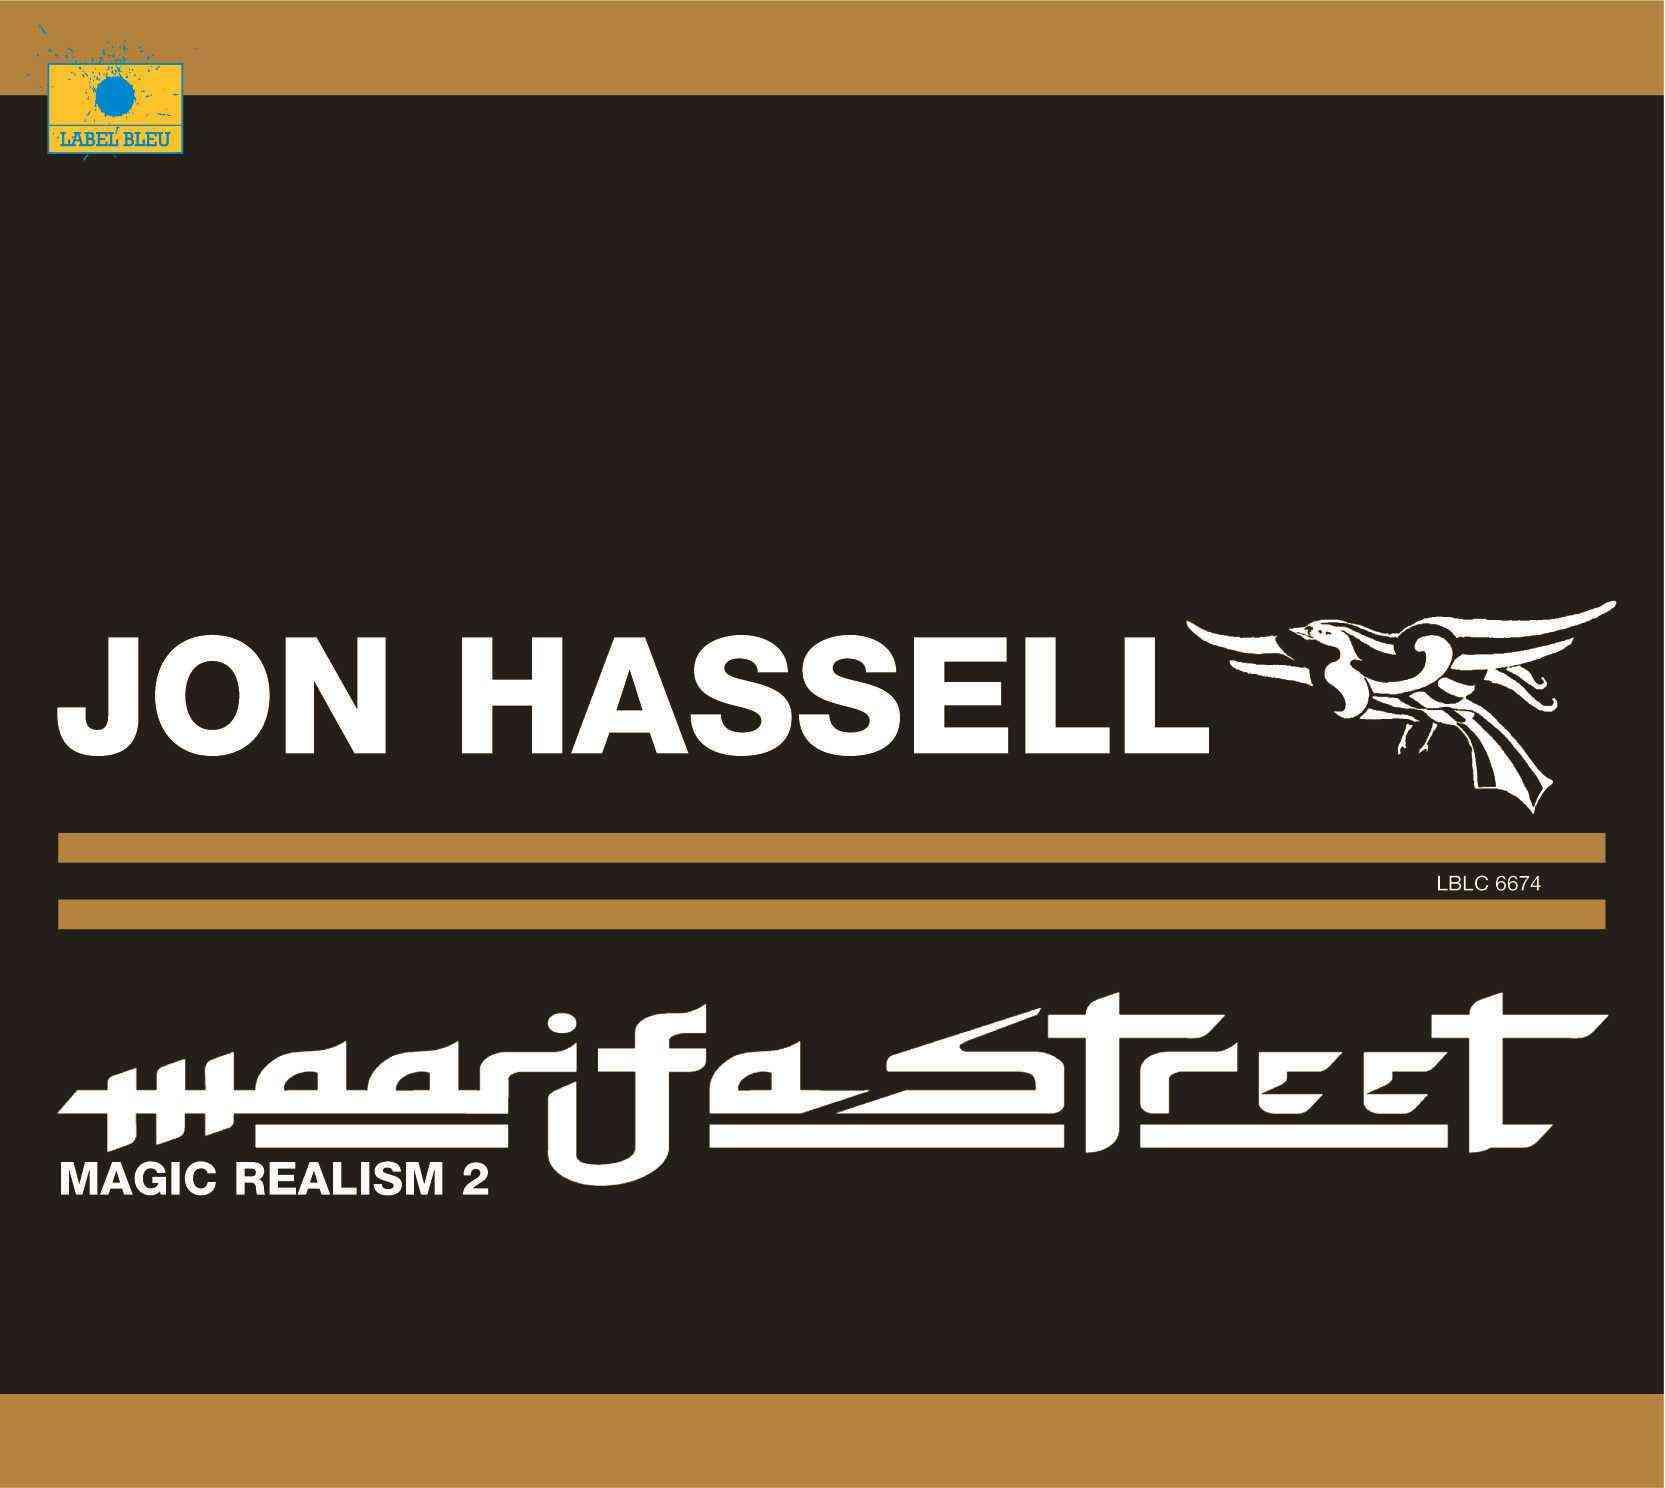 Jon Hassell - Maarifa Street